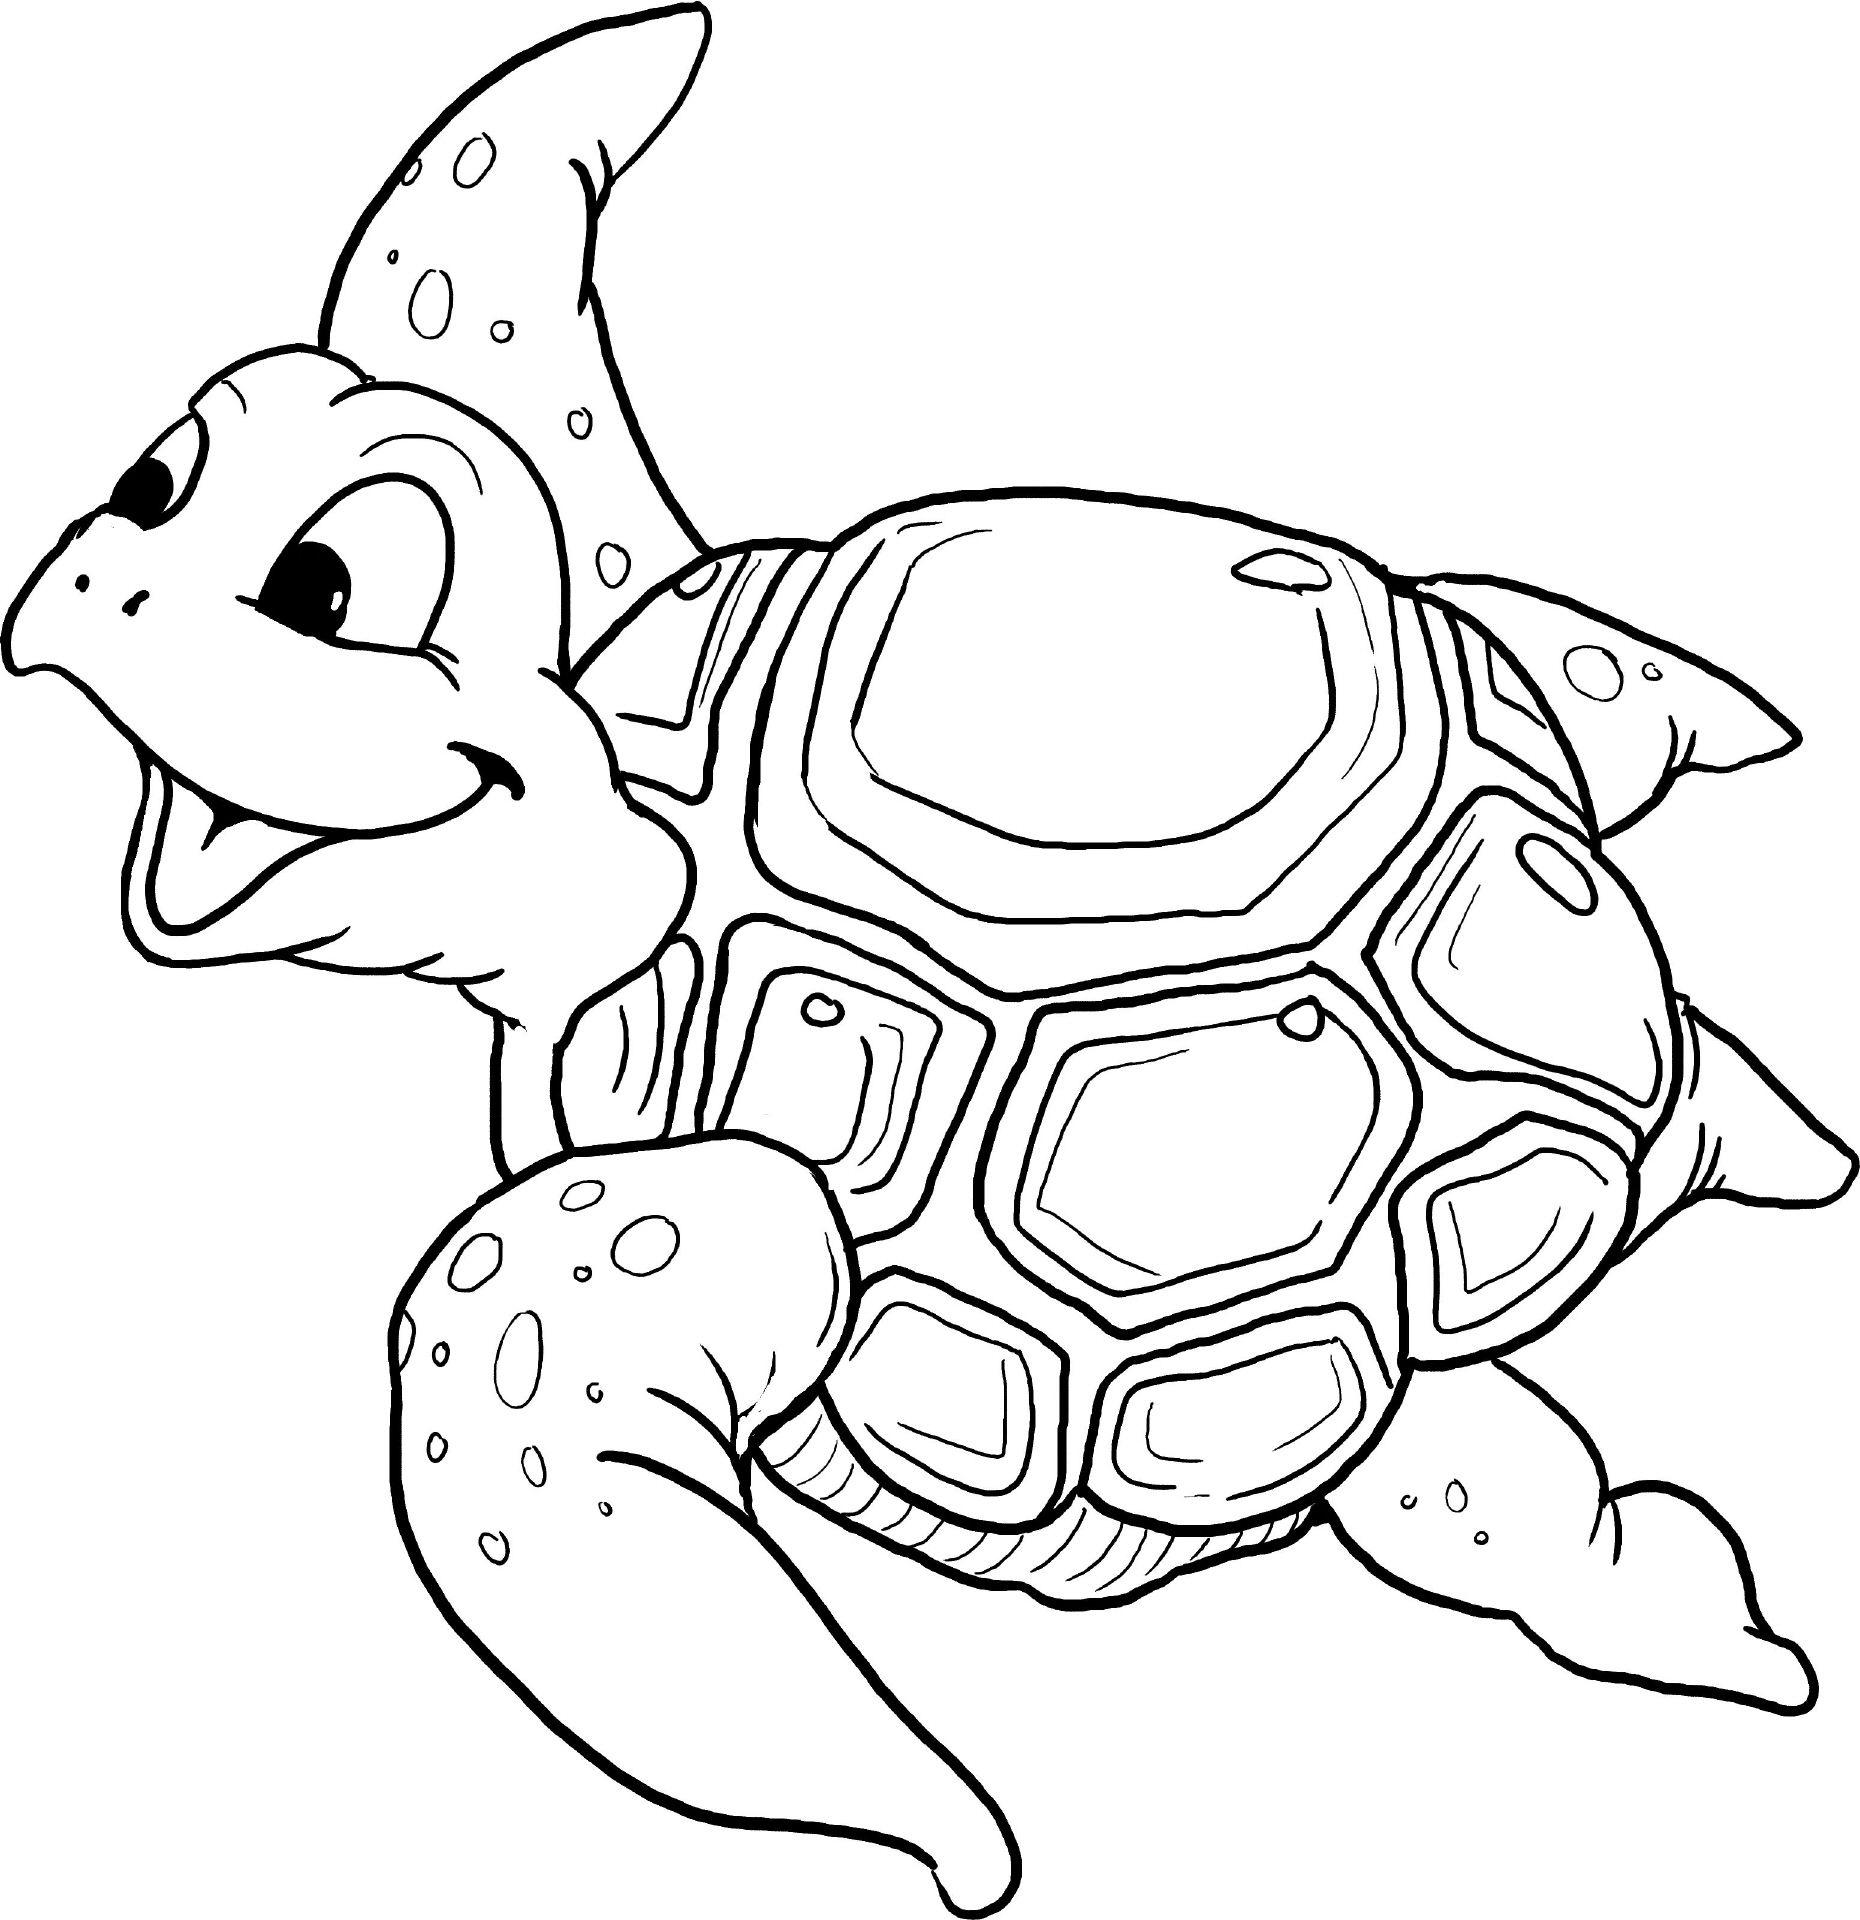 Schildkroete   Ausmalbilder, Ausmalen, Ausmalbilder Tiere verwandt mit Schildkröte Ausmalbild